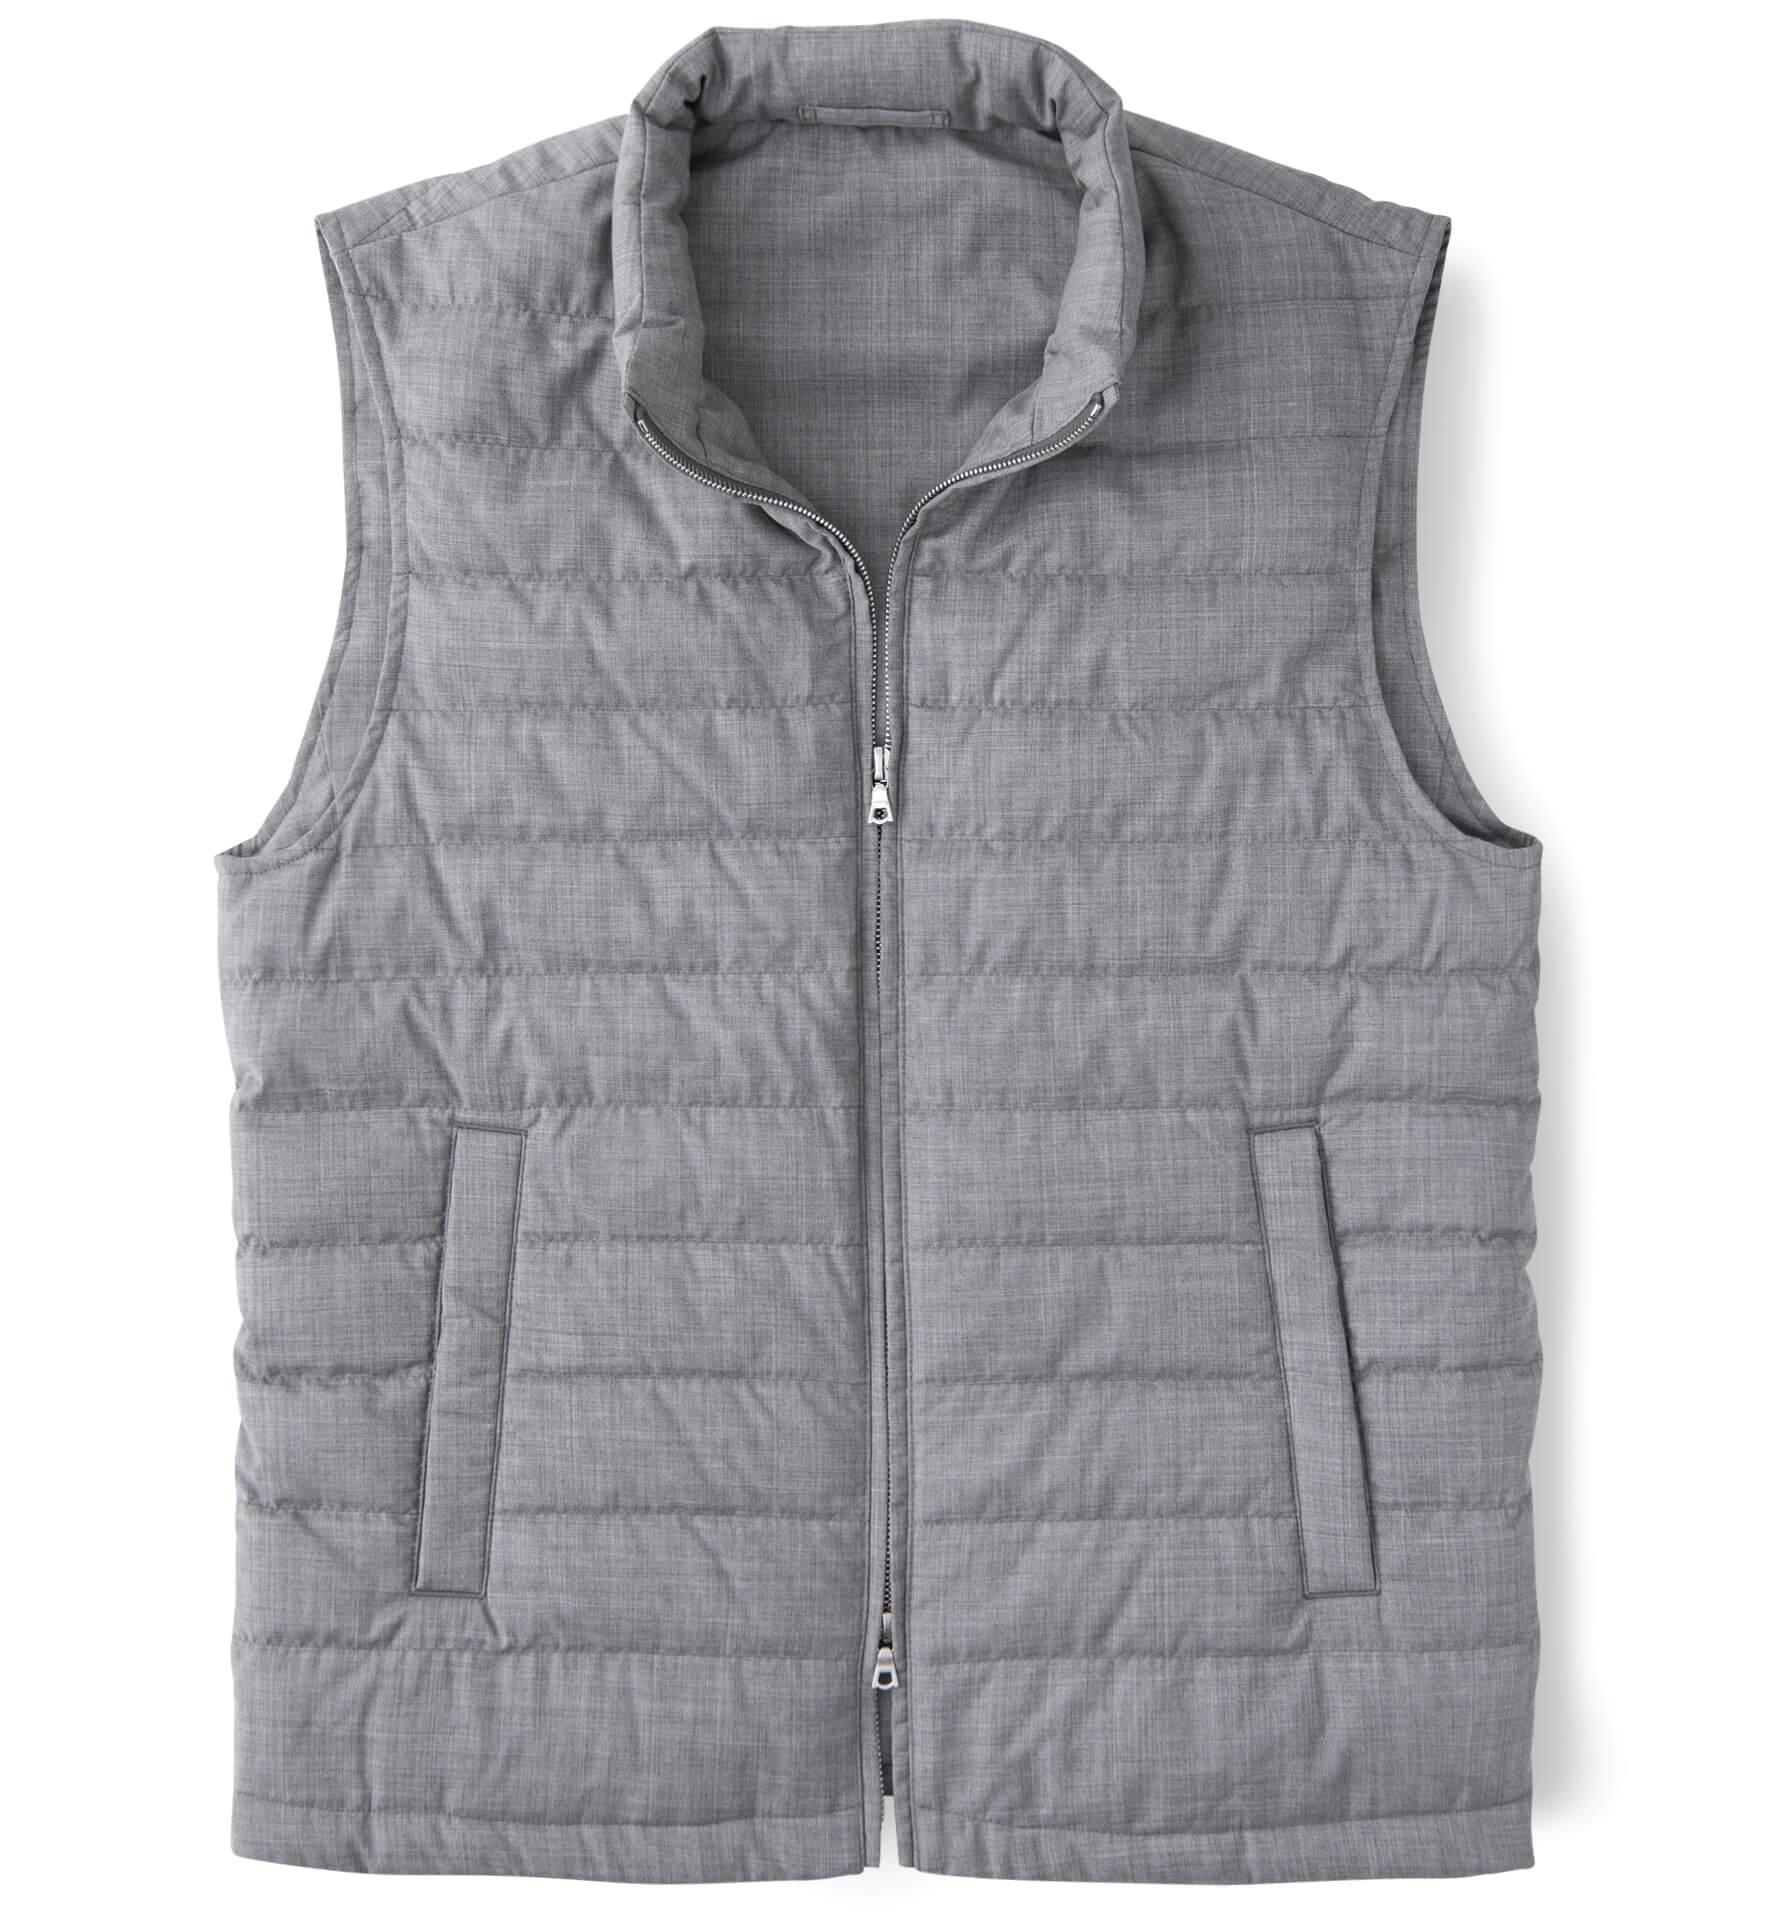 Zoom Image of Brera Light Grey Merino Wool Zip Vest